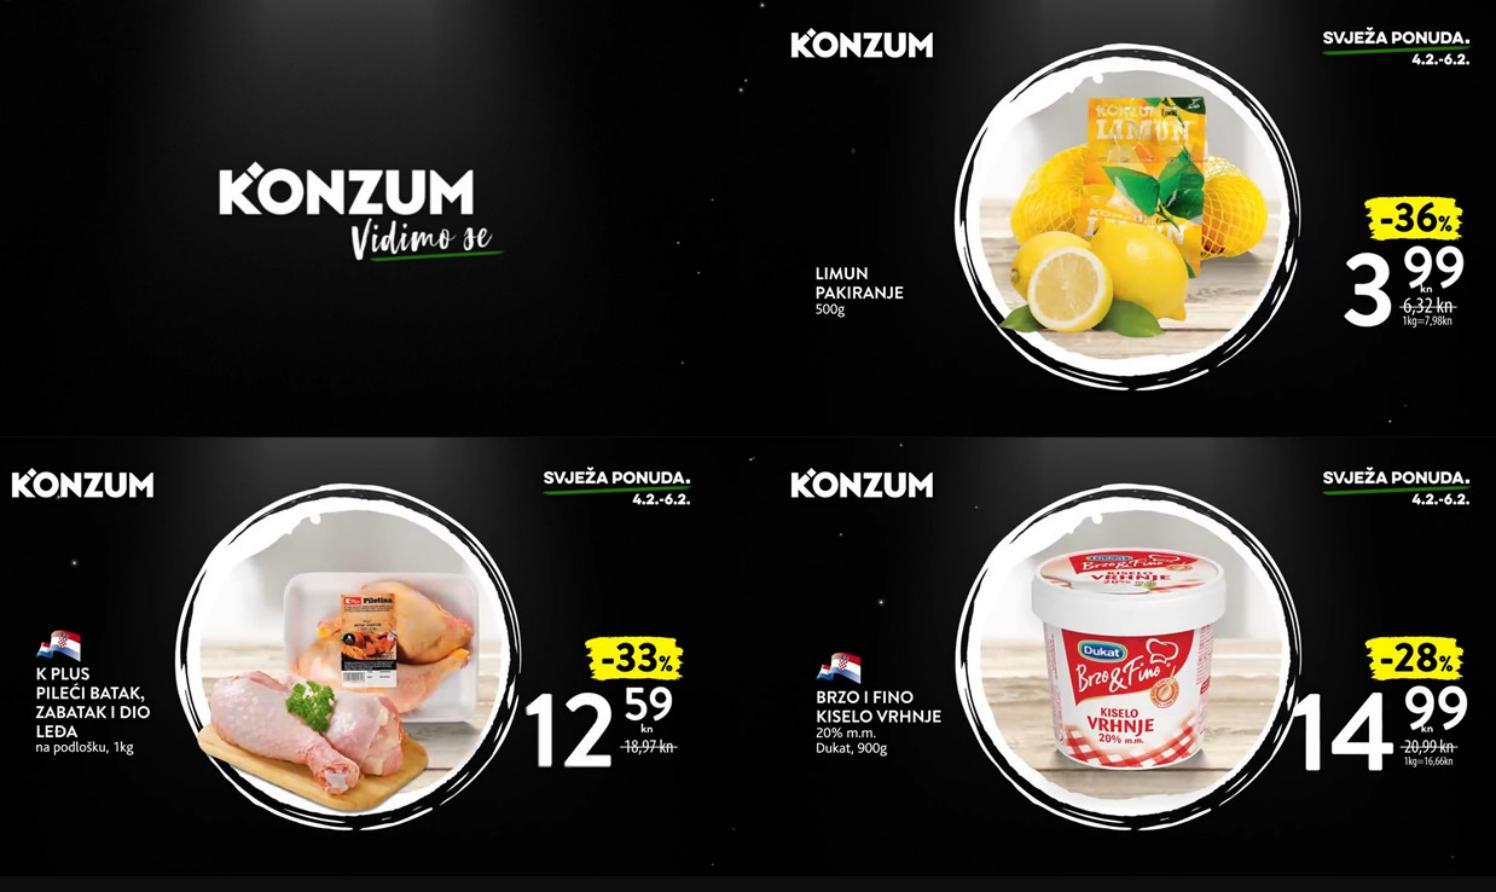 Nova super akcija i nova svježa ponuda u Konzumu! U periodu od 04.- 06.02.2019. iskoristite nove ponude i kupujte povoljnije!